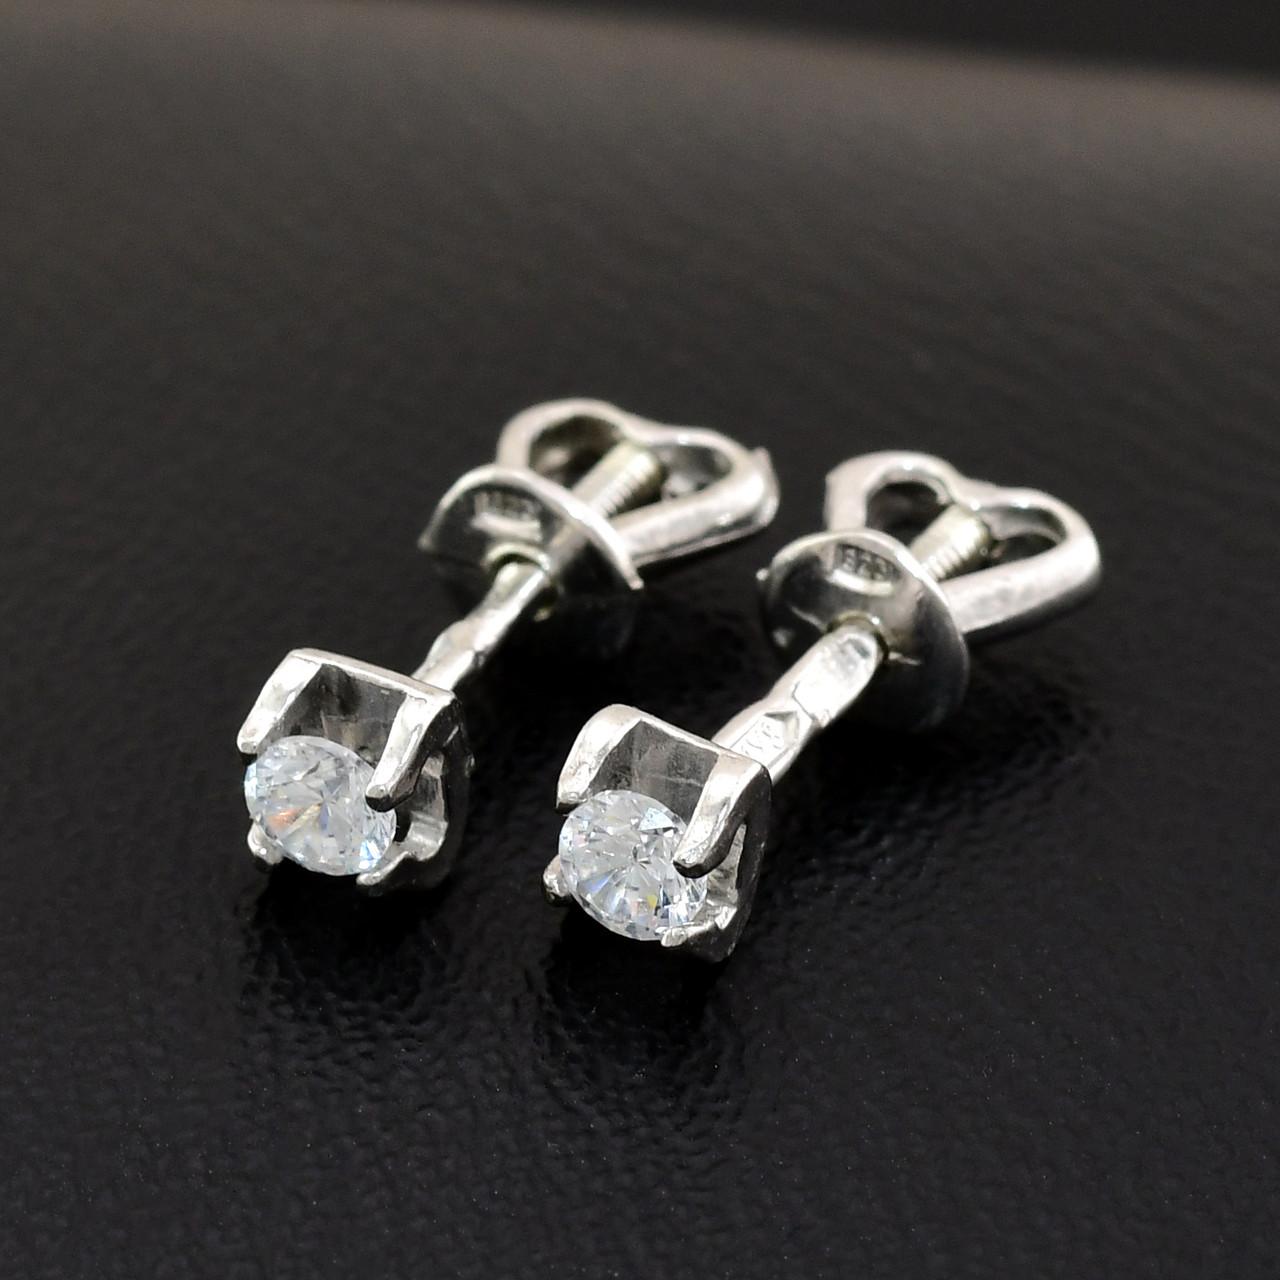 """Серебряные серьги """"Замок"""", размер 5*4 мм, вставка белые фианиты, вес 1.1 г"""